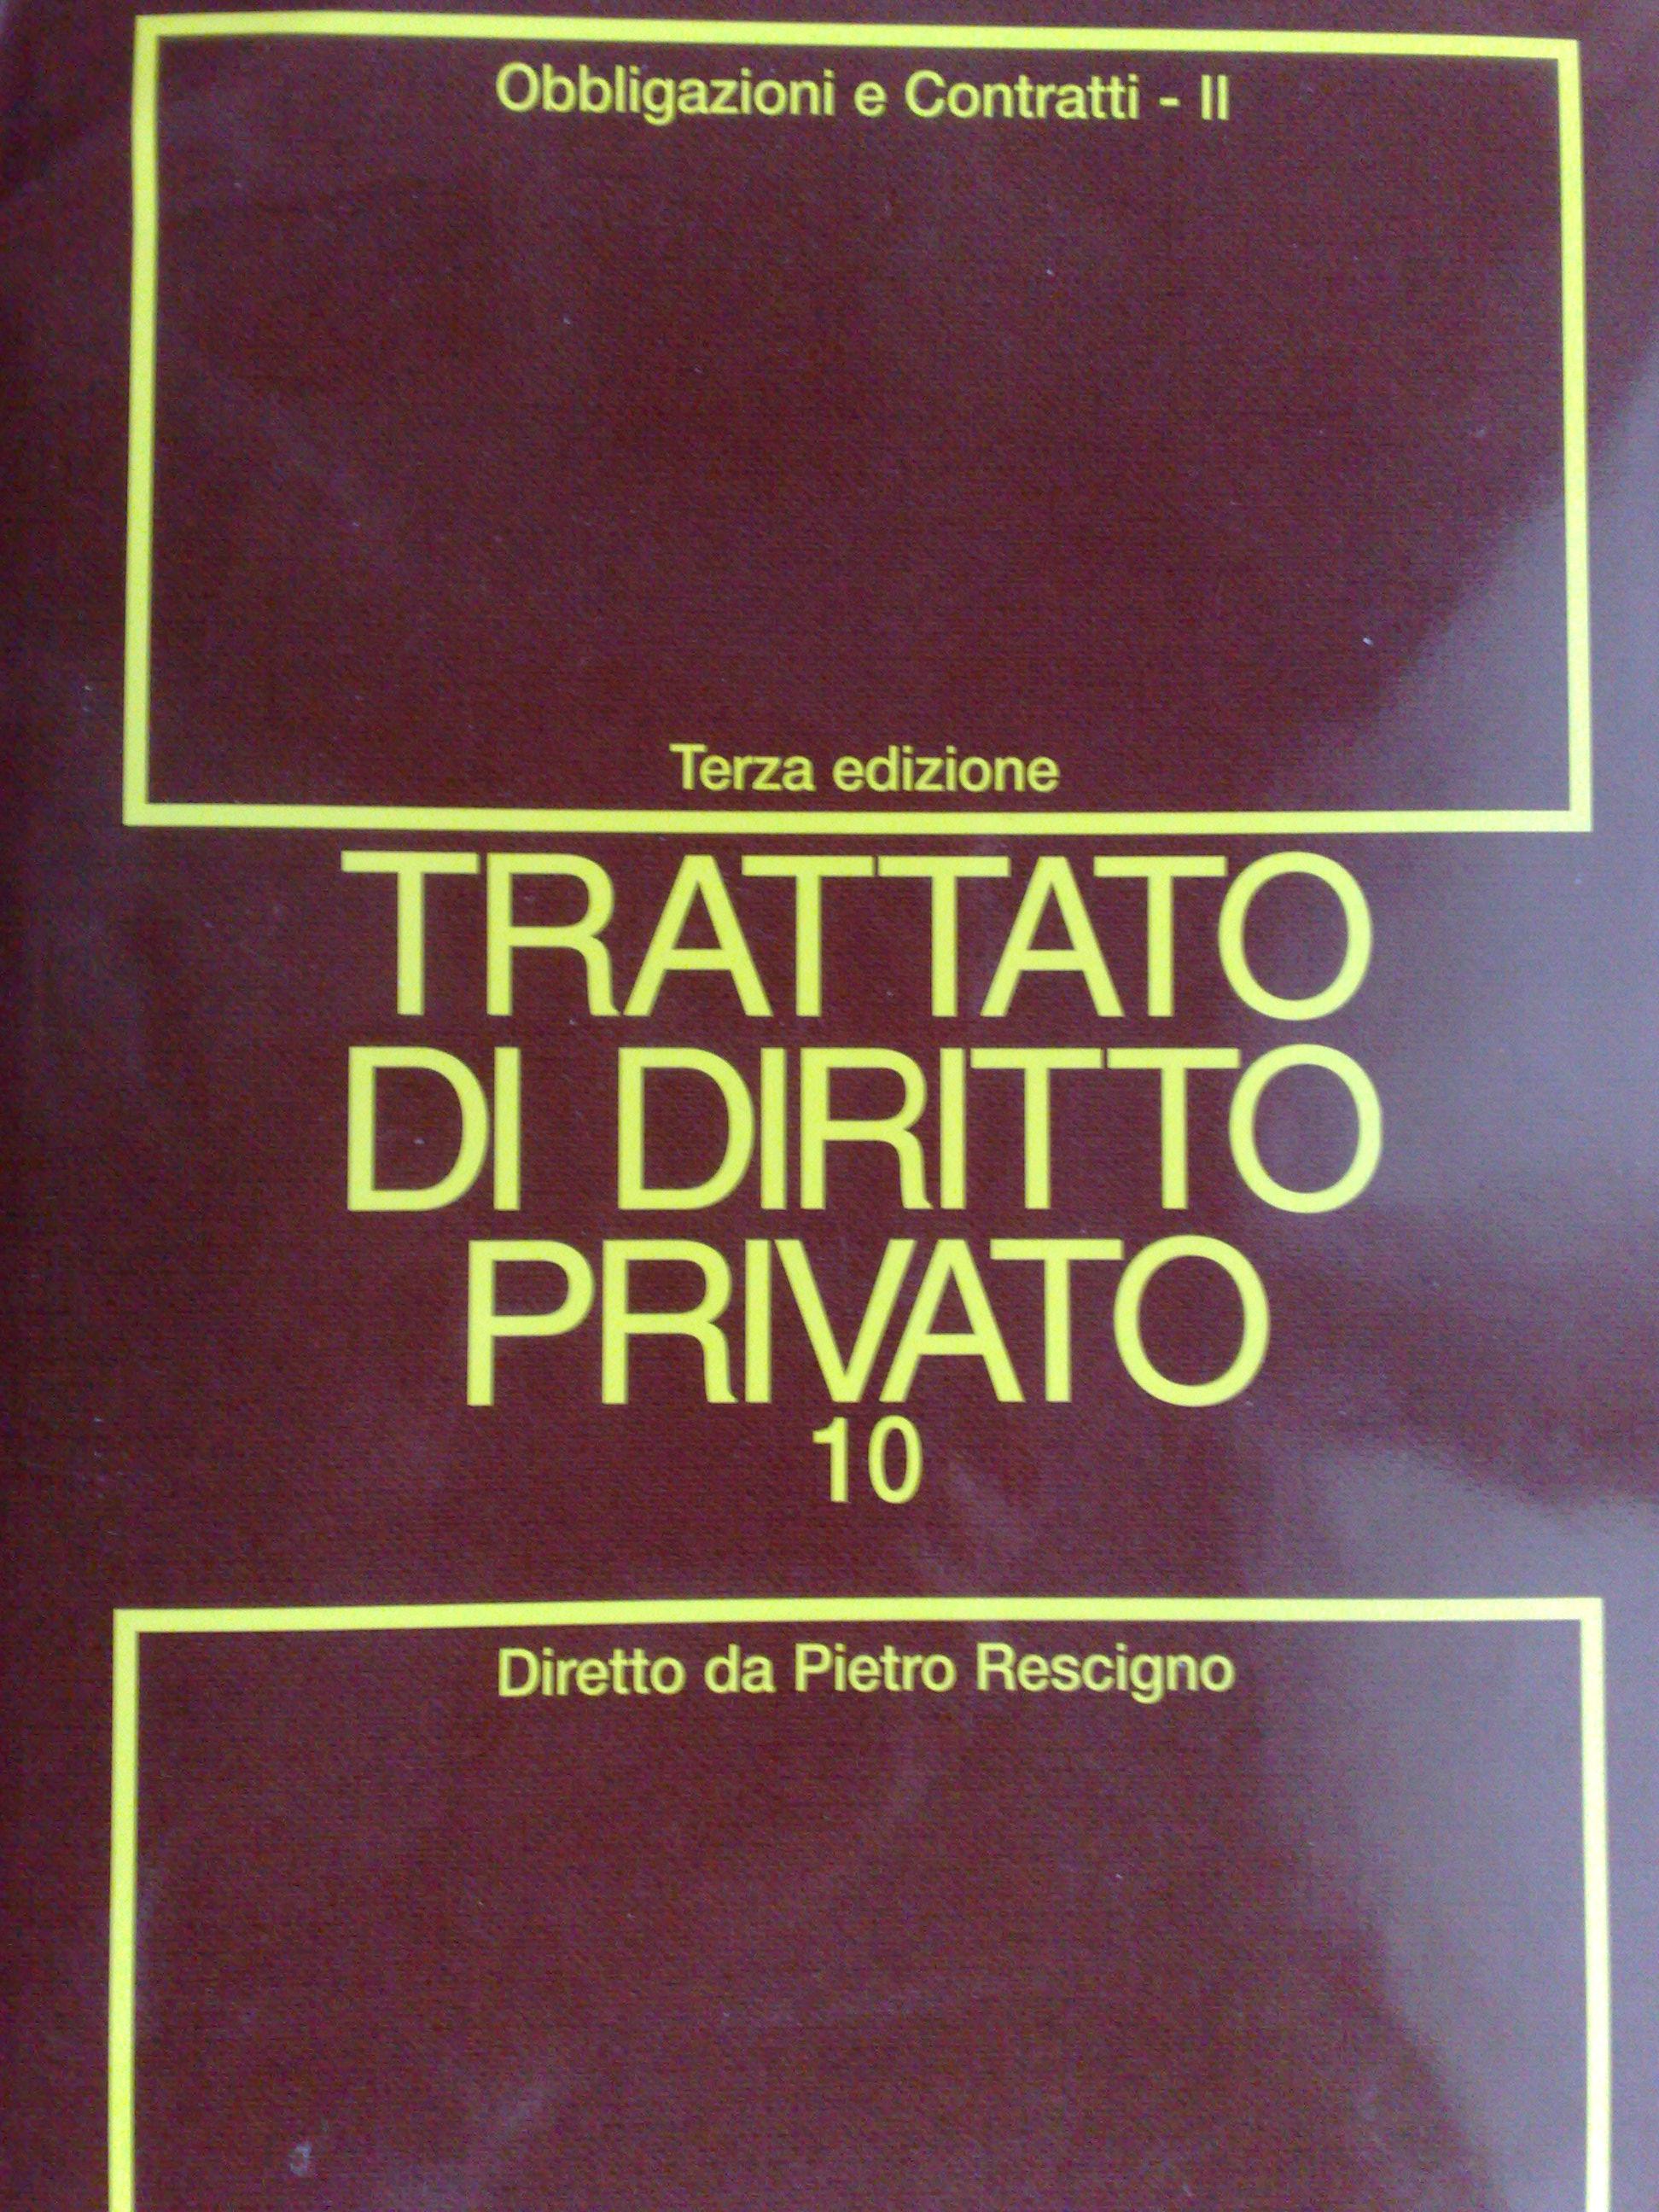 Trattato di diritto privato: Obbligazioni e contratti